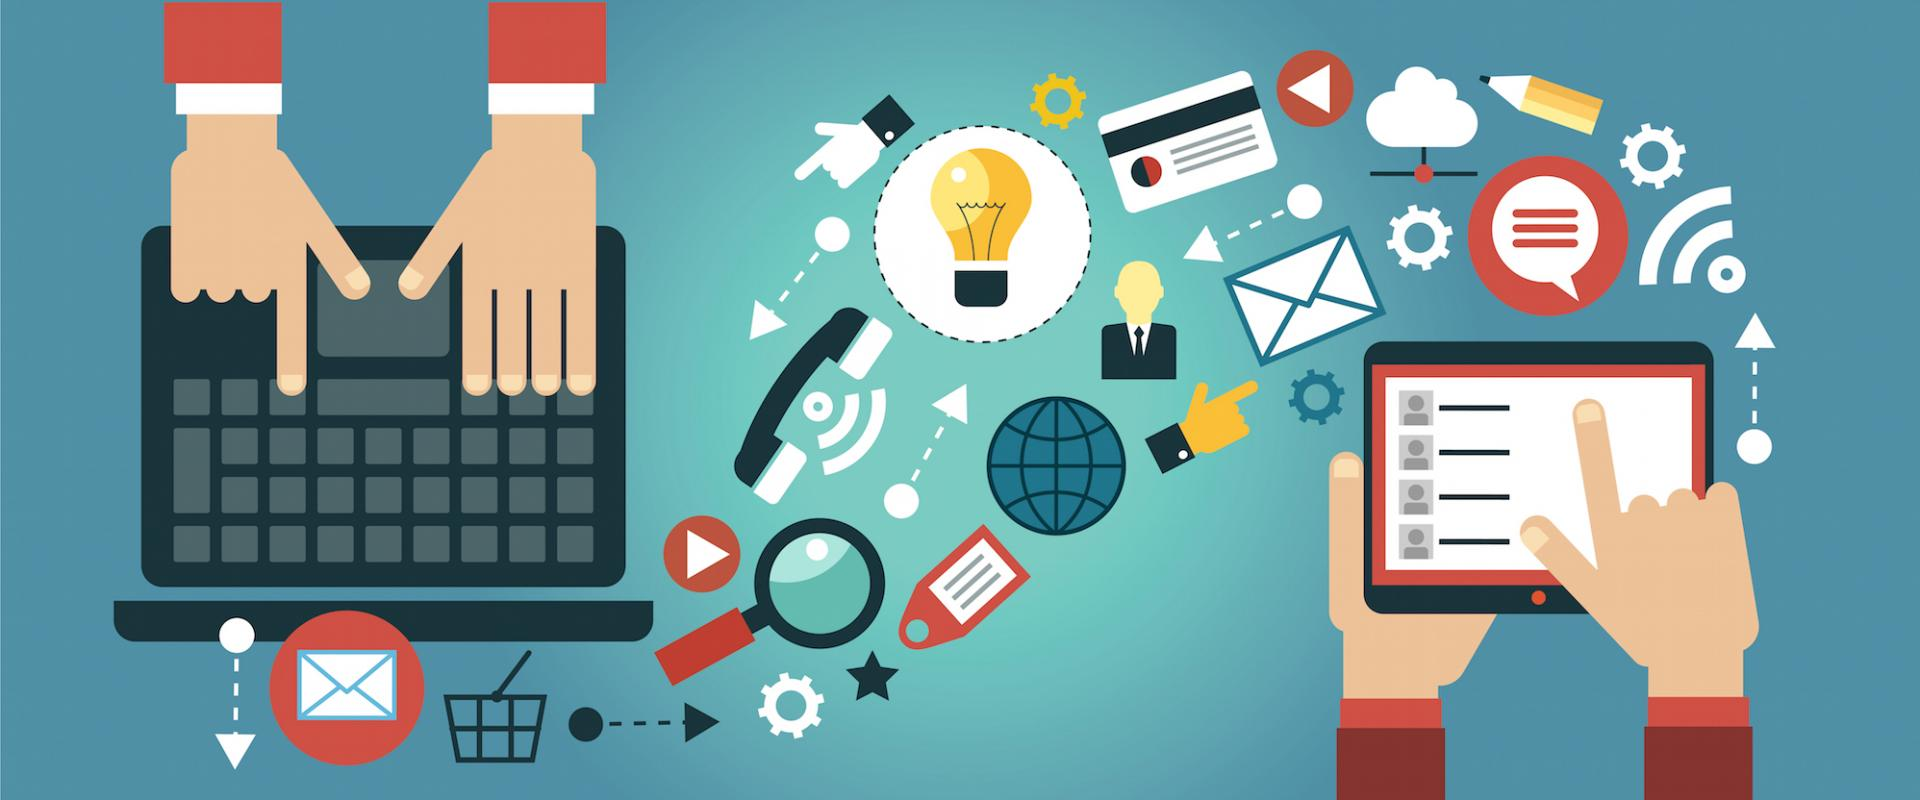 E-Ticaret Yazılımı Nedir, Nasıl Olmalıdır?   egegen Blog